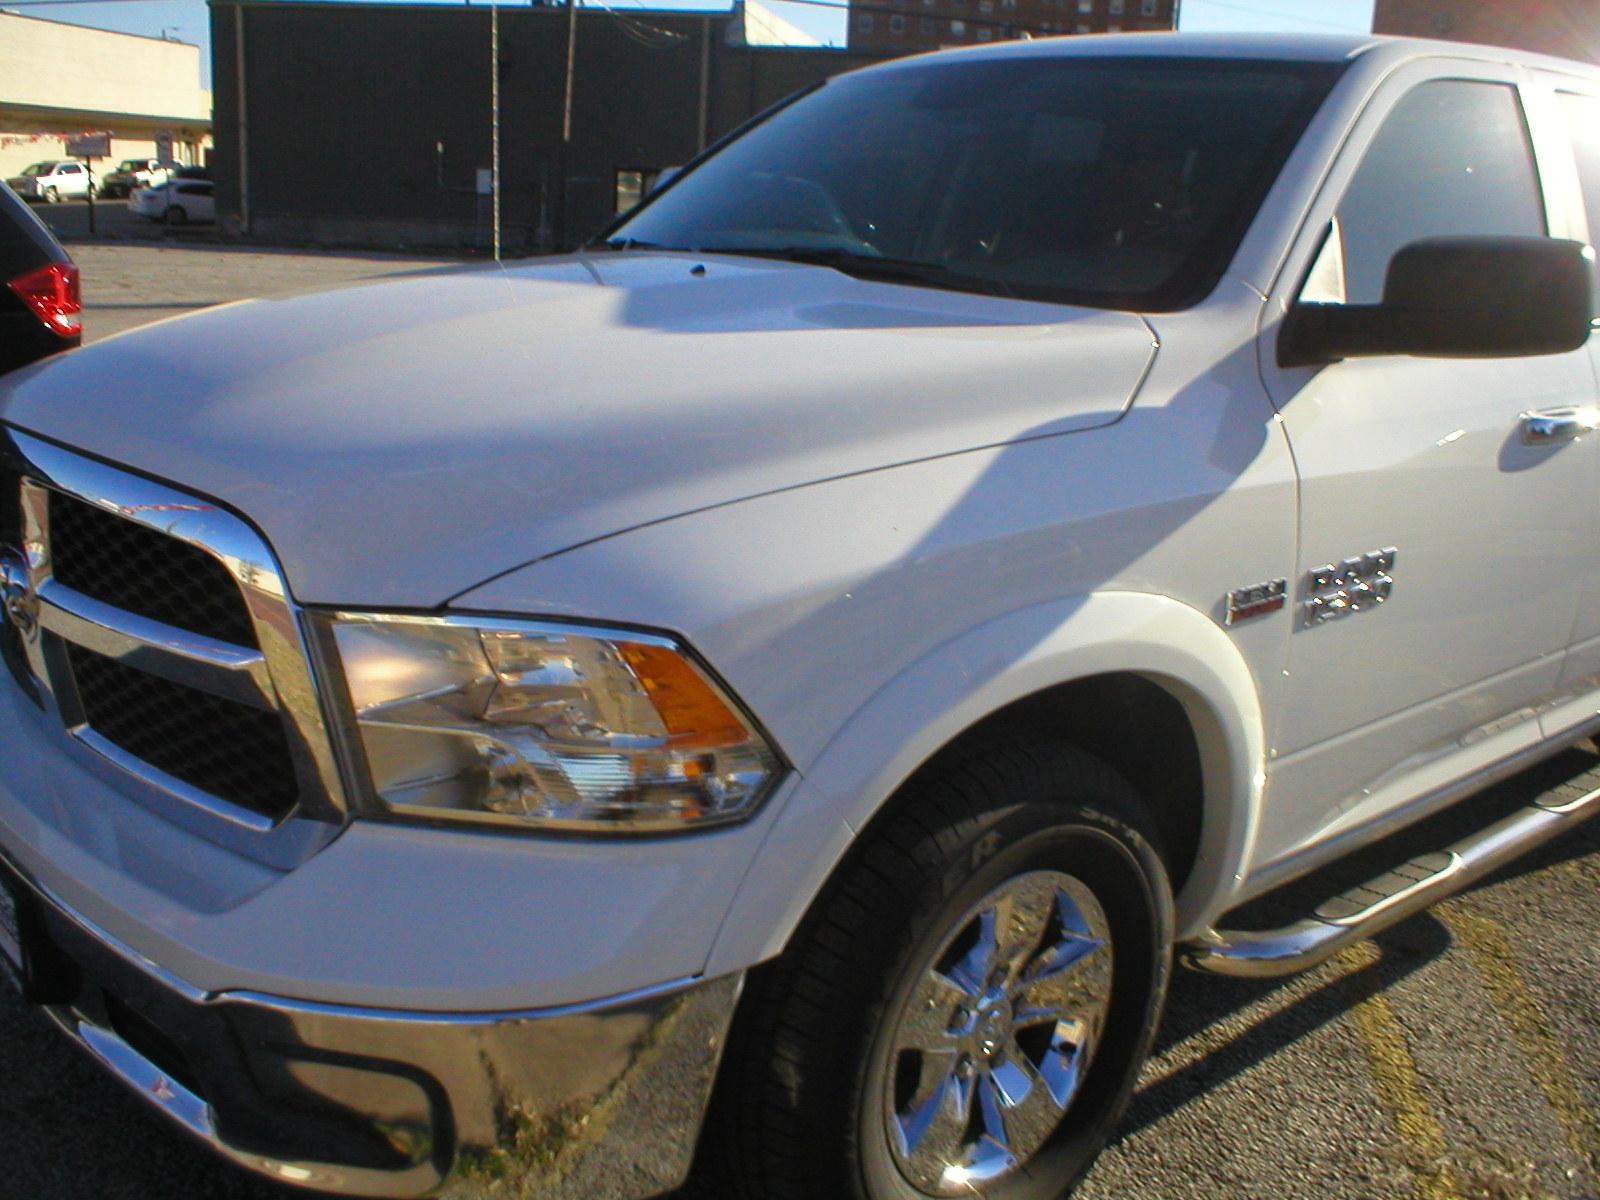 2016 Dodge Ram 1500 Slt Quad Cab 4 Door Pickup White